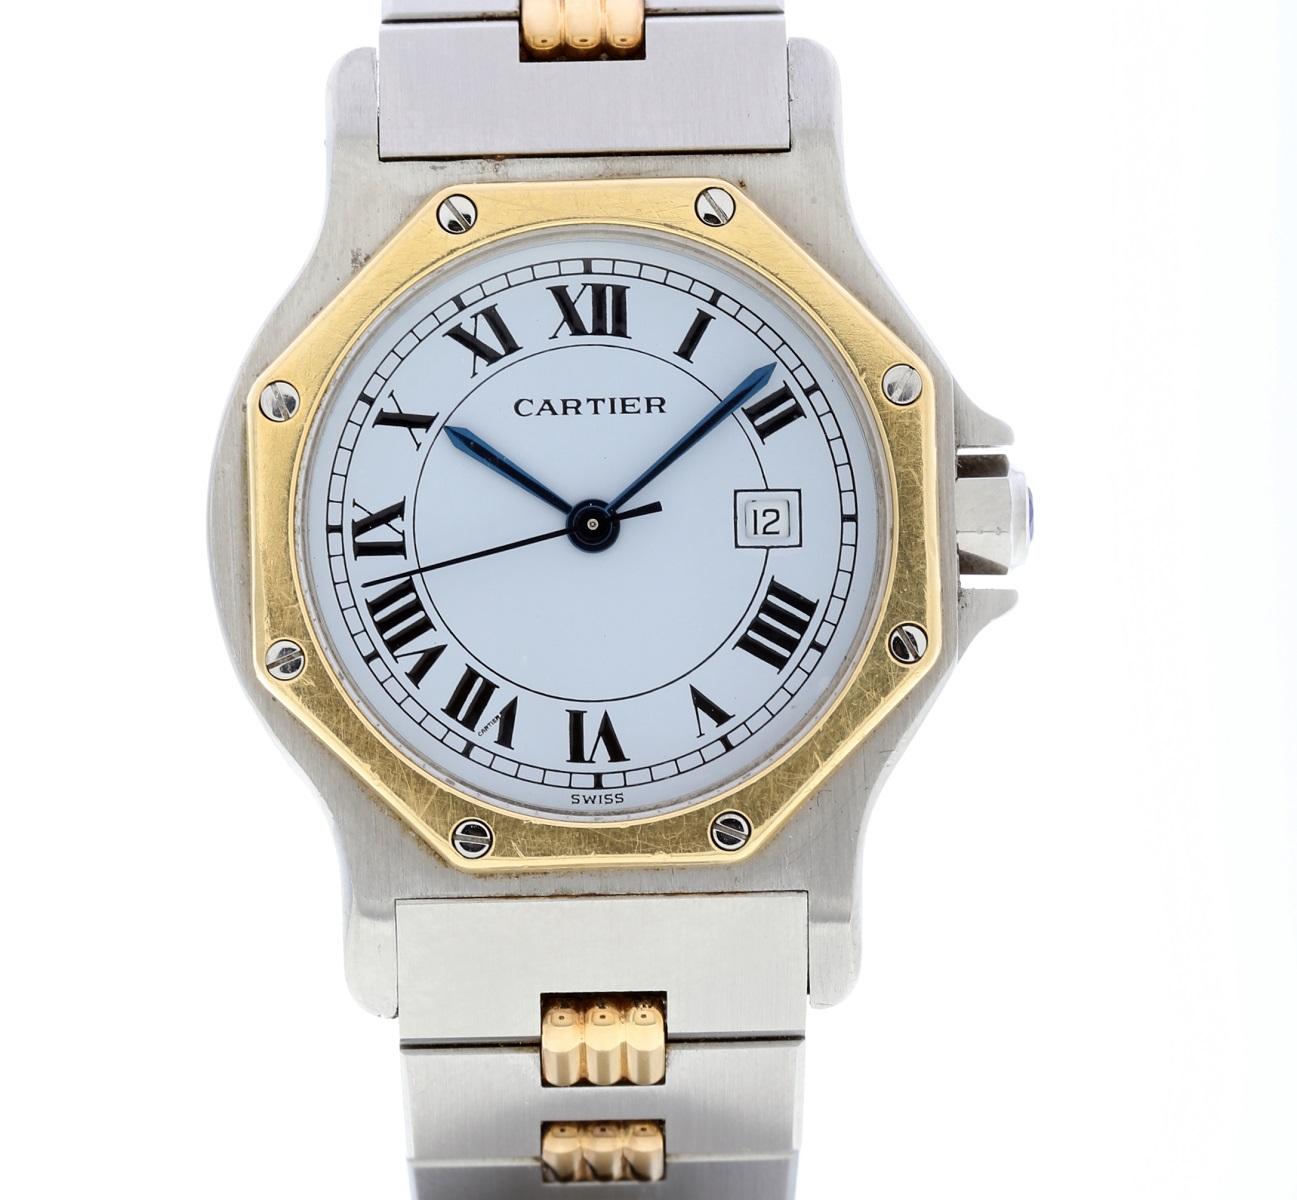 カルティエ Cartier サントス オクタゴン SS/YG ボーイズ AT 保証書(無地)腕時計 送料無料 【トレジャースポット】 【中古】